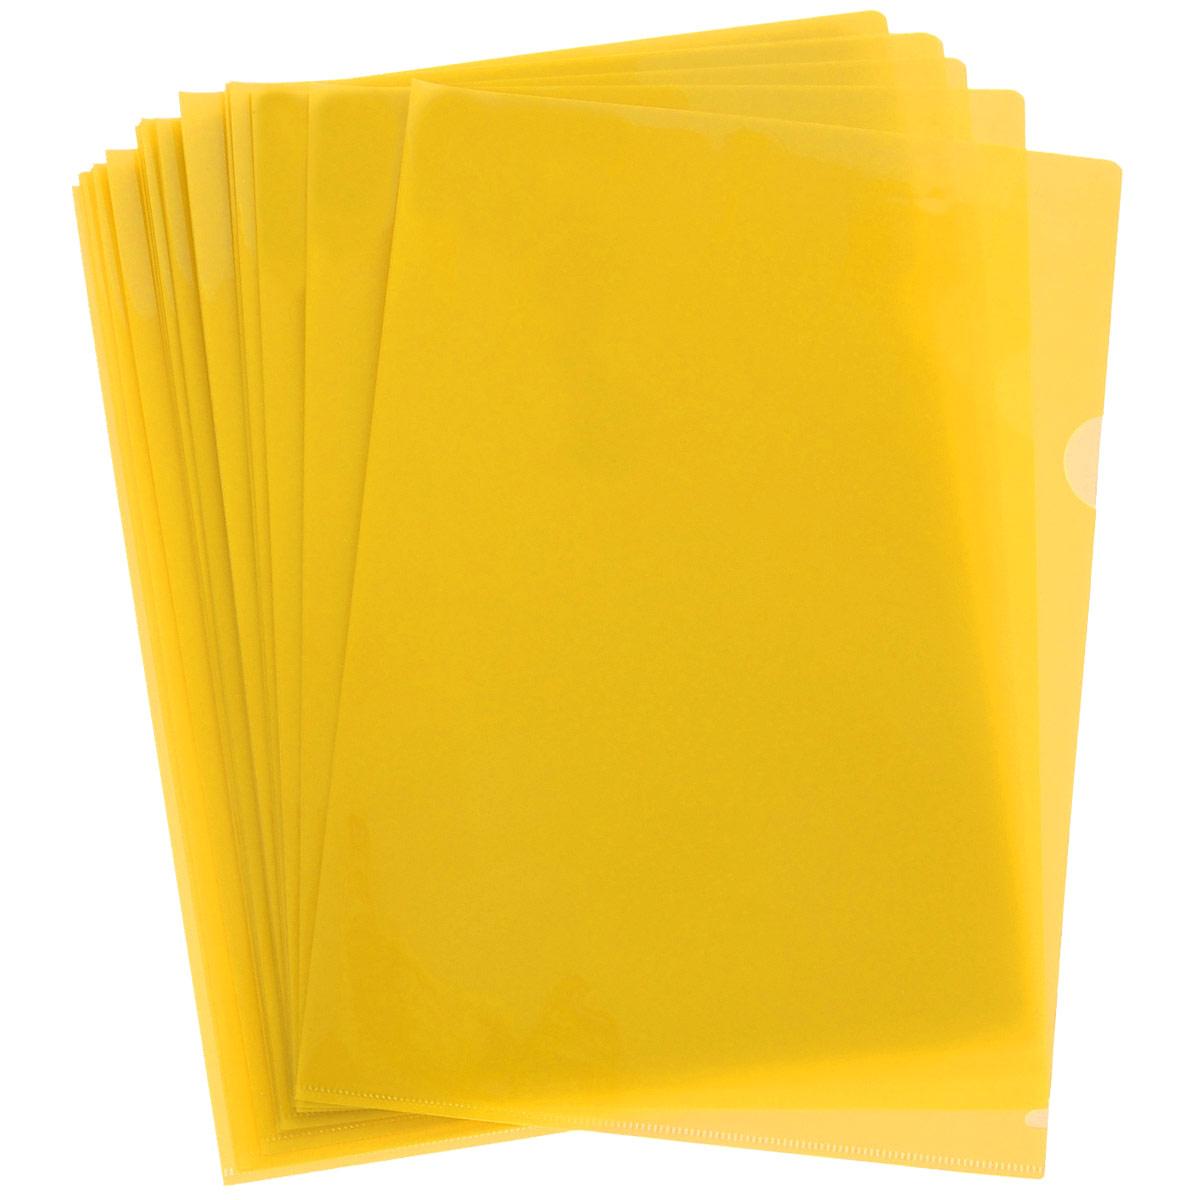 Папка-уголок Sponsor, цвет: желтый. Формат А4, 20 штSF208-2/YL/RПапка-уголок Sponsor, изготовленная из высококачественного полипропилена, это удобный и практичный офисный инструмент, предназначенный для хранения и транспортировки рабочих бумаг и документов формата А4. Полупрозрачная глянцевая папка имеет опрятный и неброский вид. В наборе - 20 папок.Папка-уголок - это незаменимый атрибут для студента, школьника, офисного работника. Такая папка надежно сохранит ваши документы и сбережет их от повреждений, пыли и влаги.Комплектация: 20 шт.